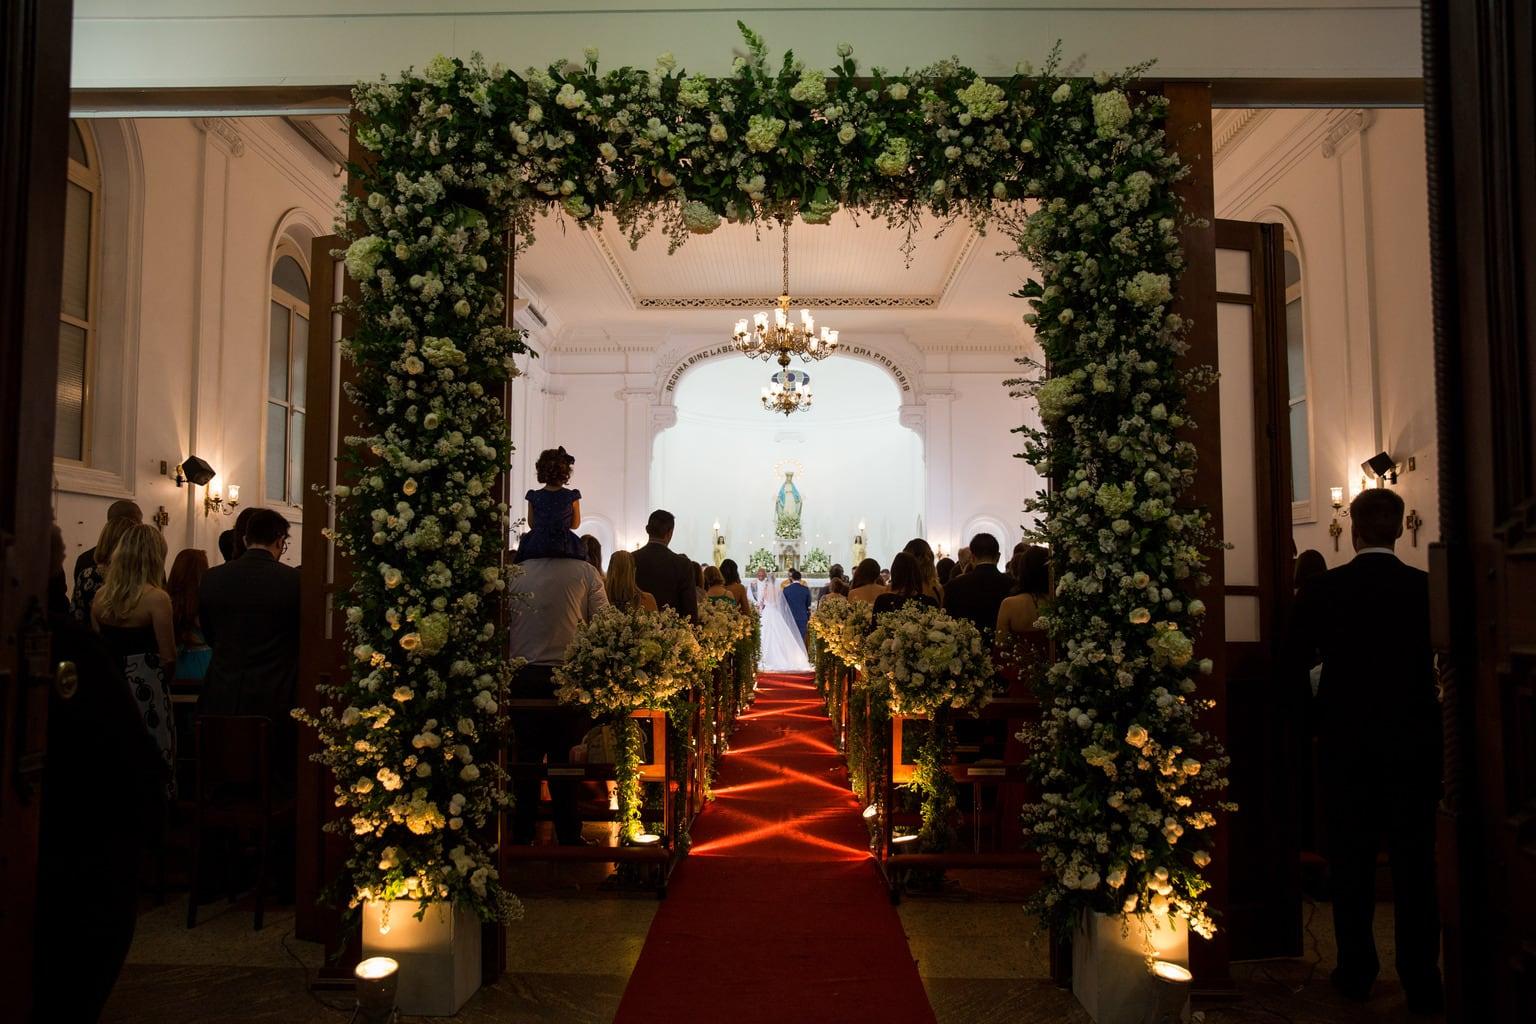 casamento-clássico-casamento-tradicional-rio-de-janeiro-niterói-Fotografia-Giovani-Garcia-casamento-Cássia-e-Daniel-12-1